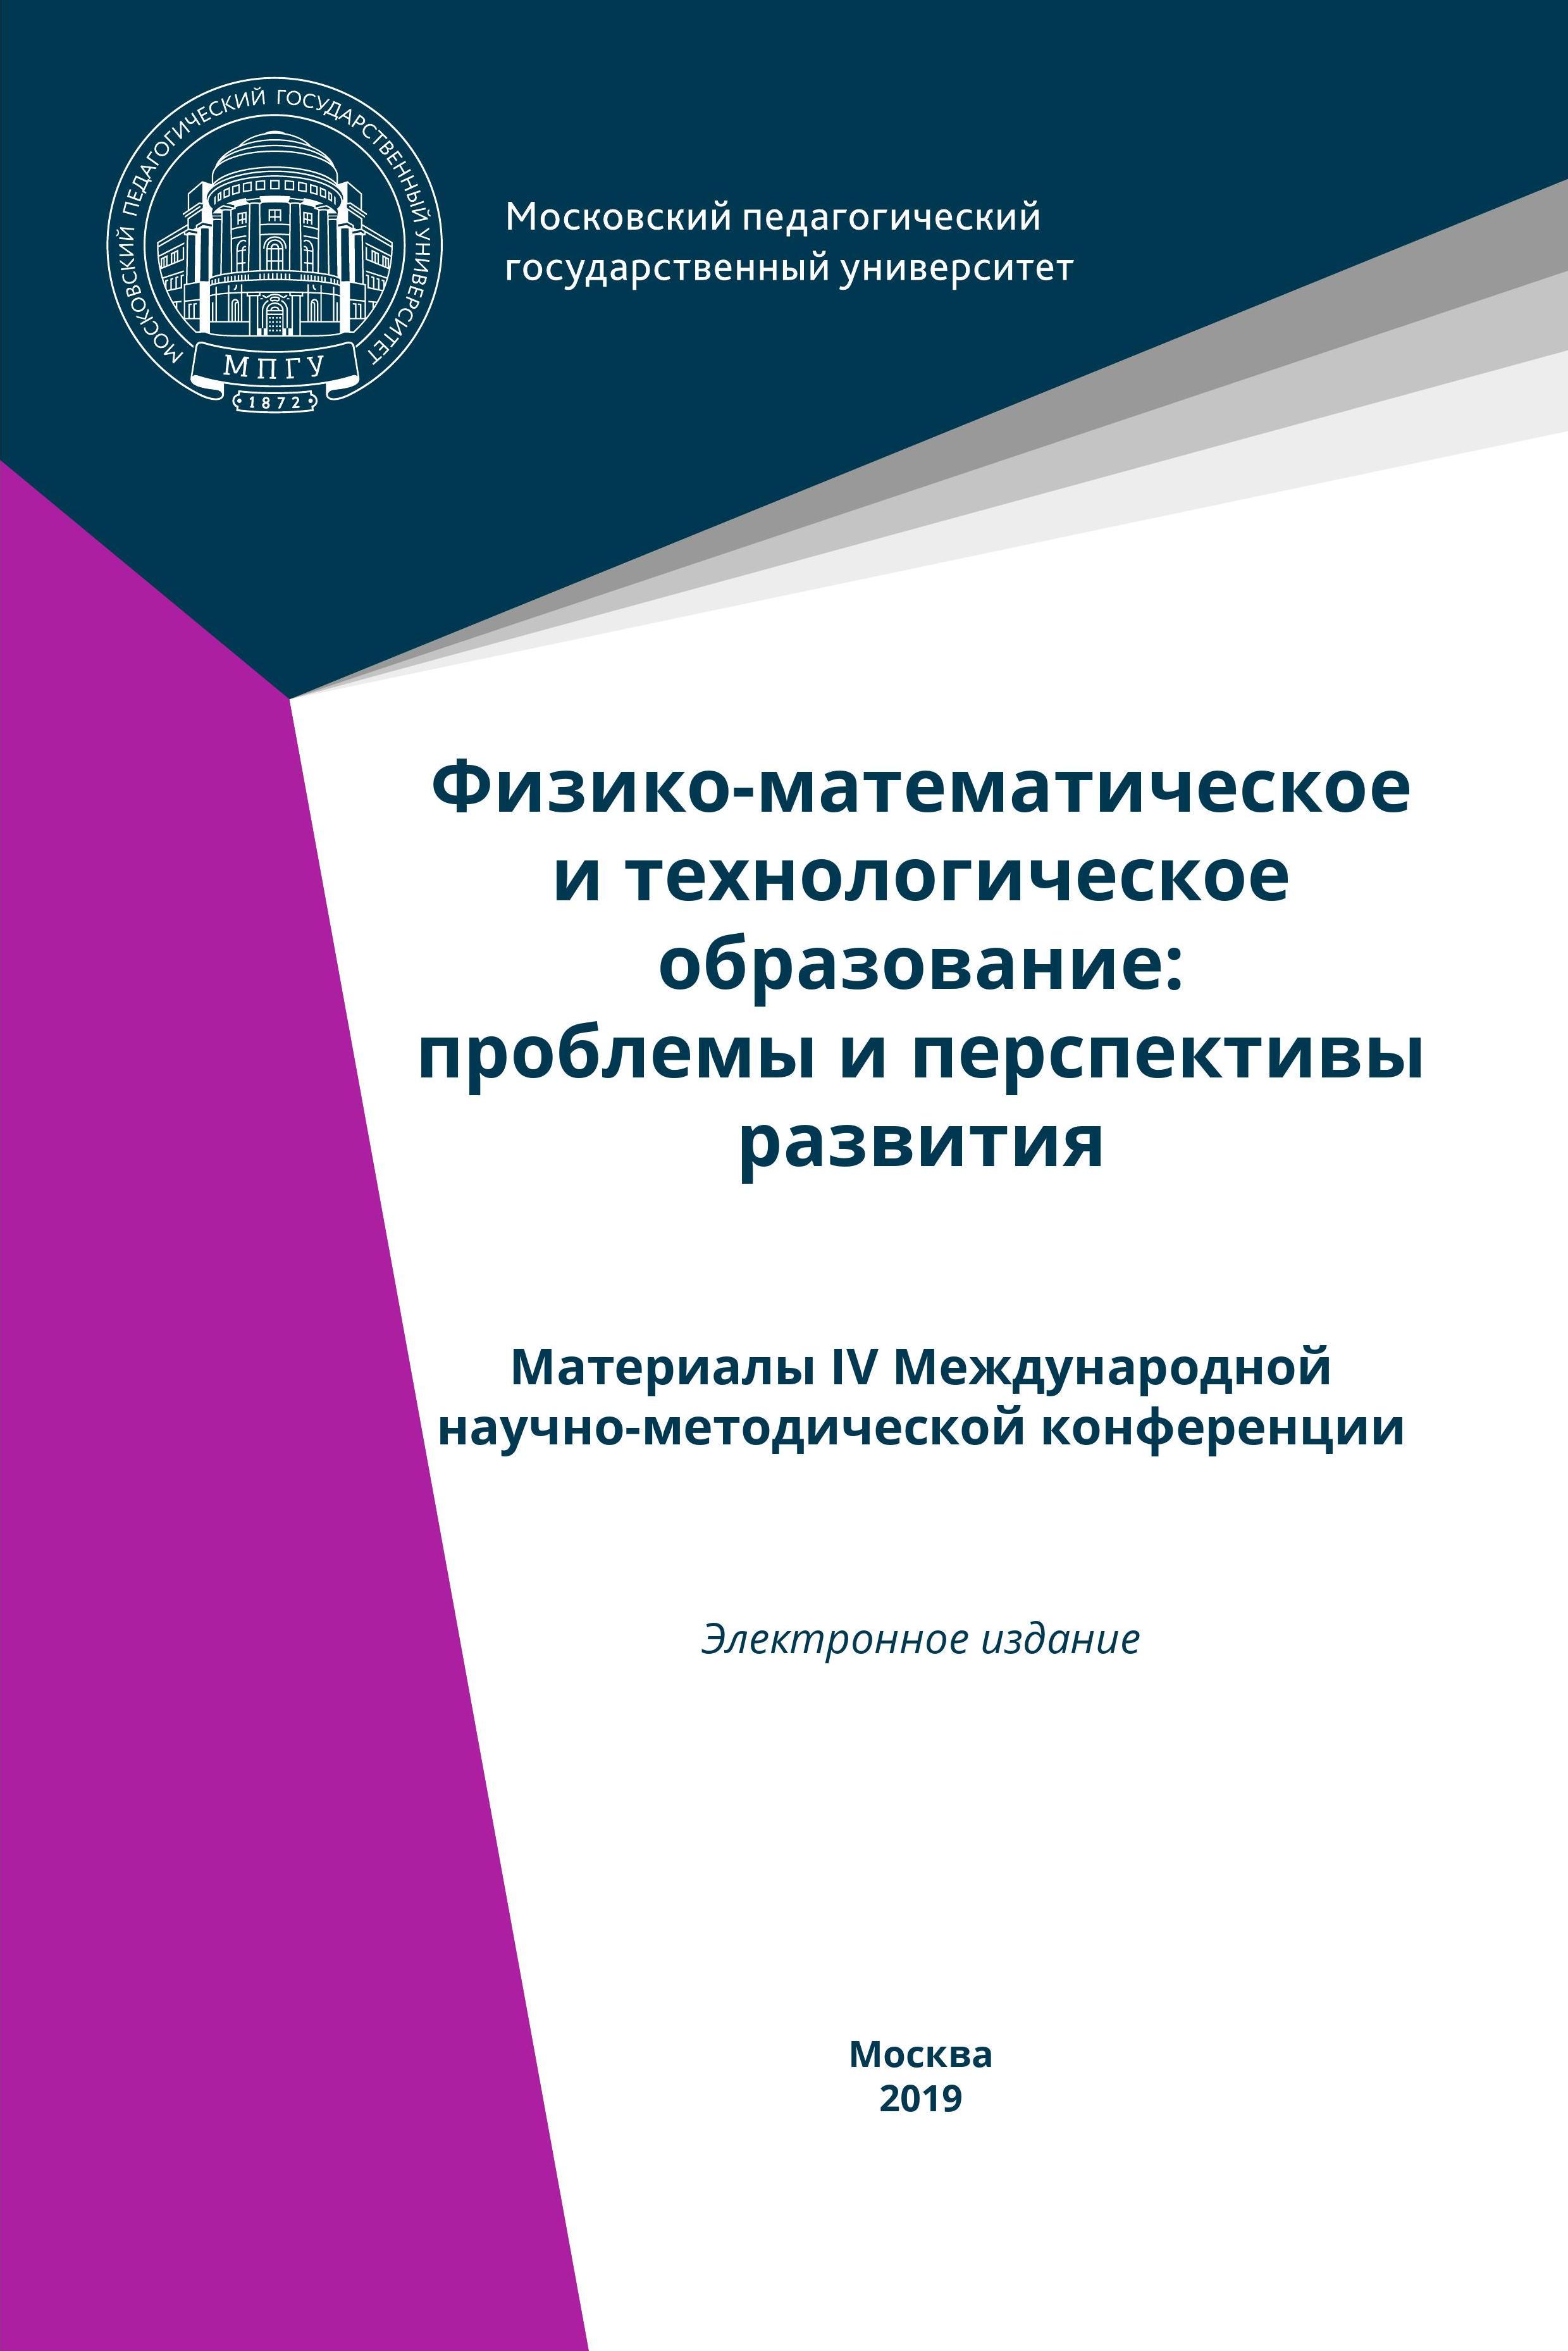 Физико-математическое и технологическое образование: проблемы и перспективы развития. Материалы IV Международной научно-методической конференции